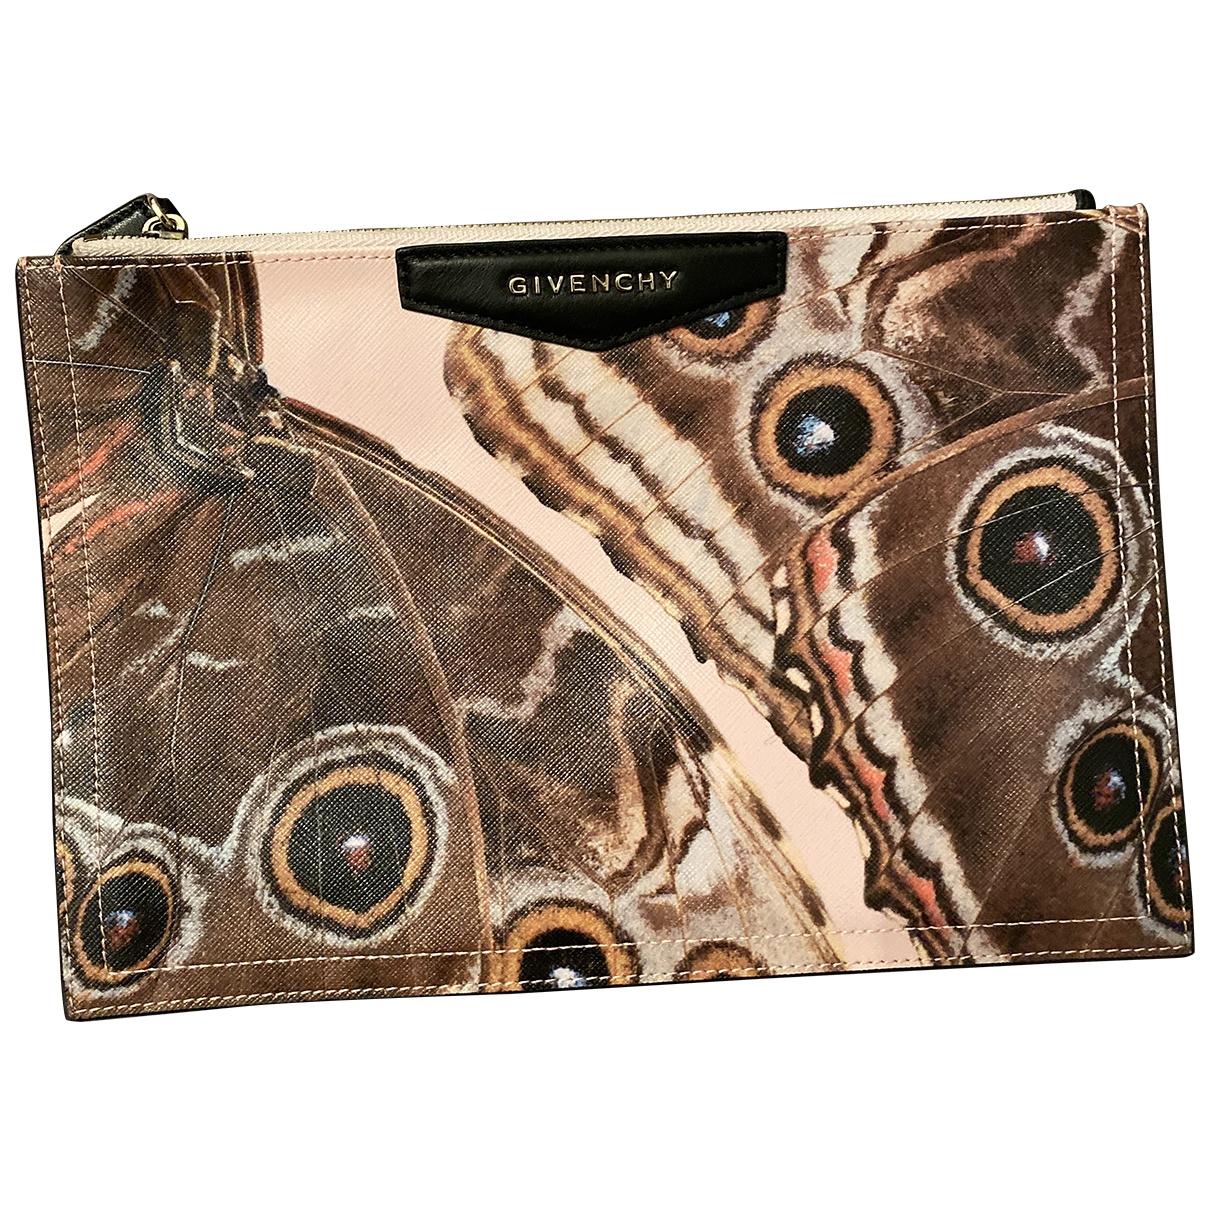 Bolsos clutch Antigona en Sintetico Multicolor Givenchy